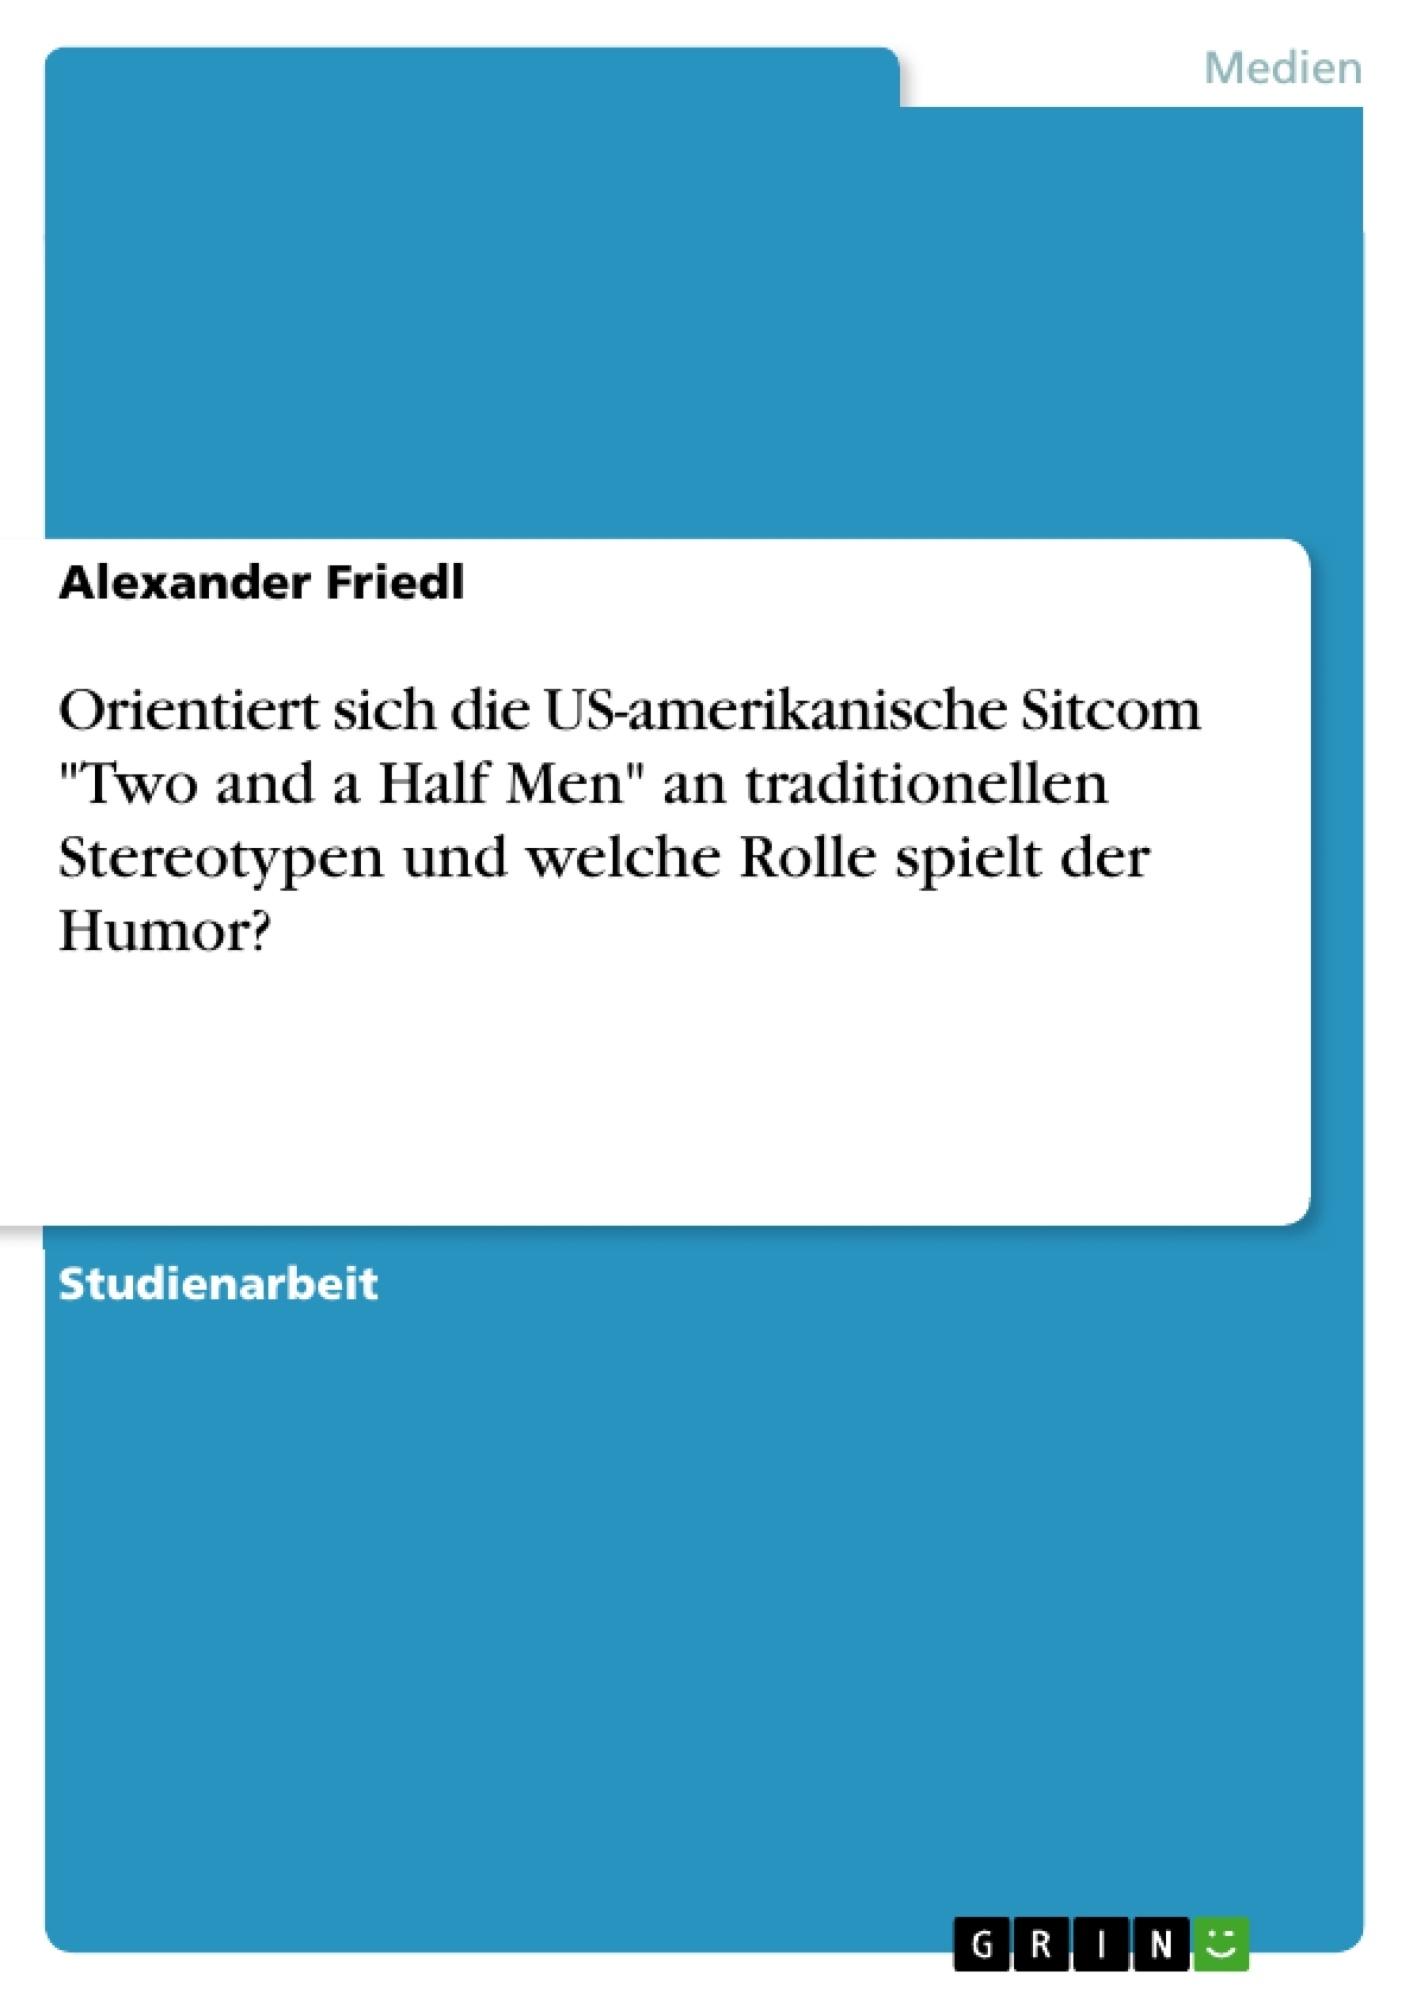 """Titel: Orientiert sich die US-amerikanische Sitcom """"Two and a Half Men"""" an traditionellen Stereotypen und welche Rolle spielt der Humor?"""